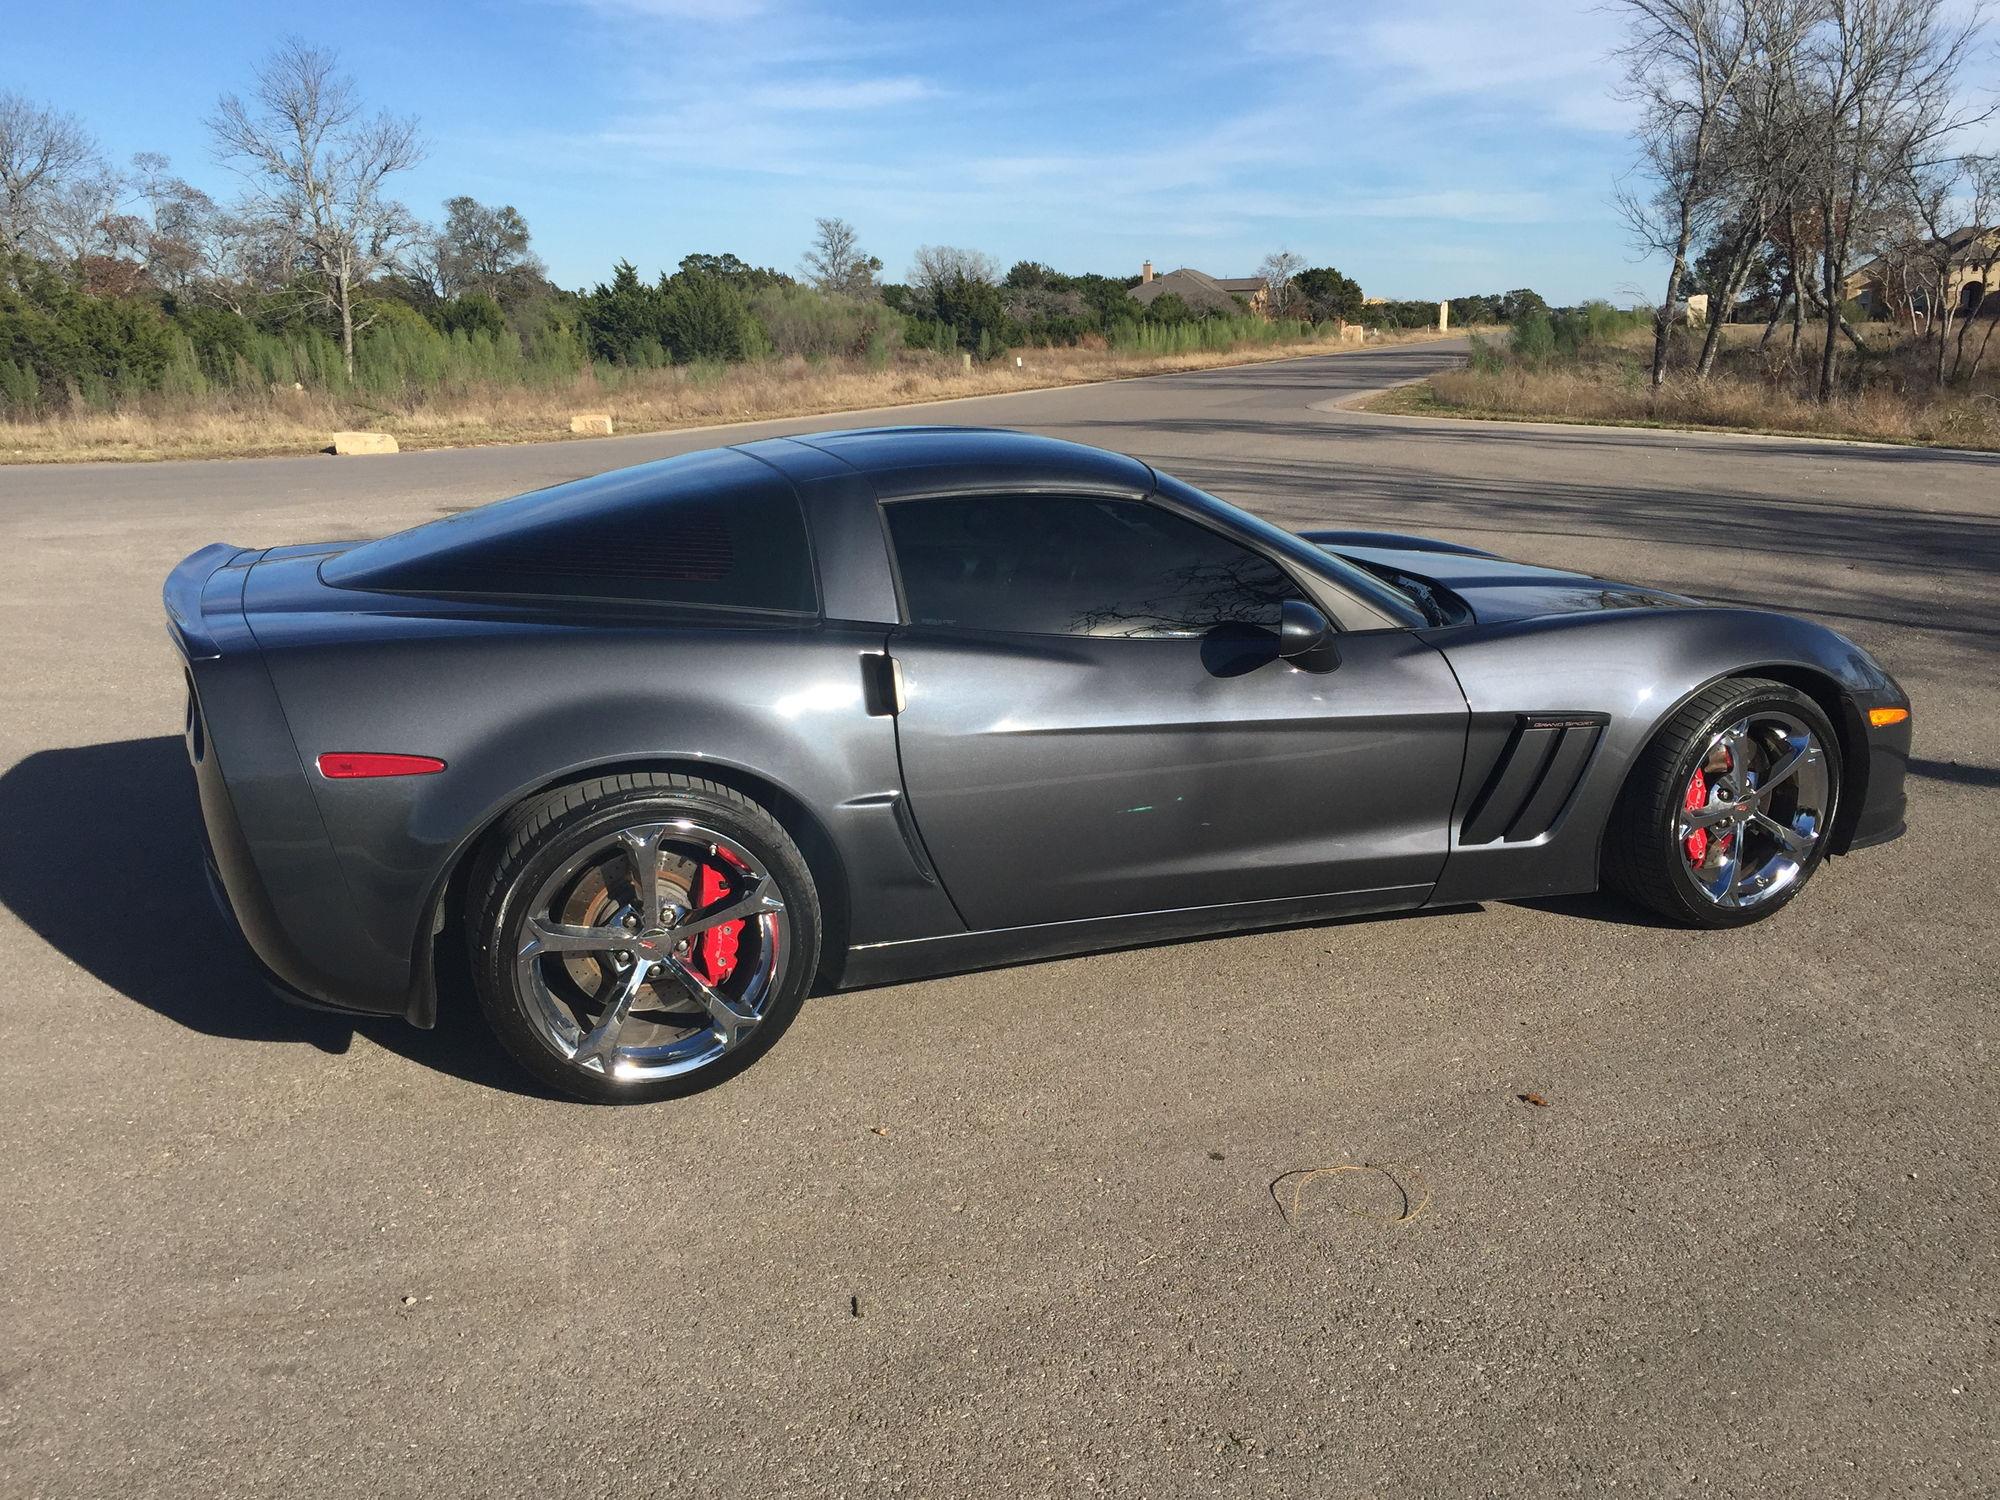 2012 Corvette Grand Sport A6 487rwhp Corvetteforum